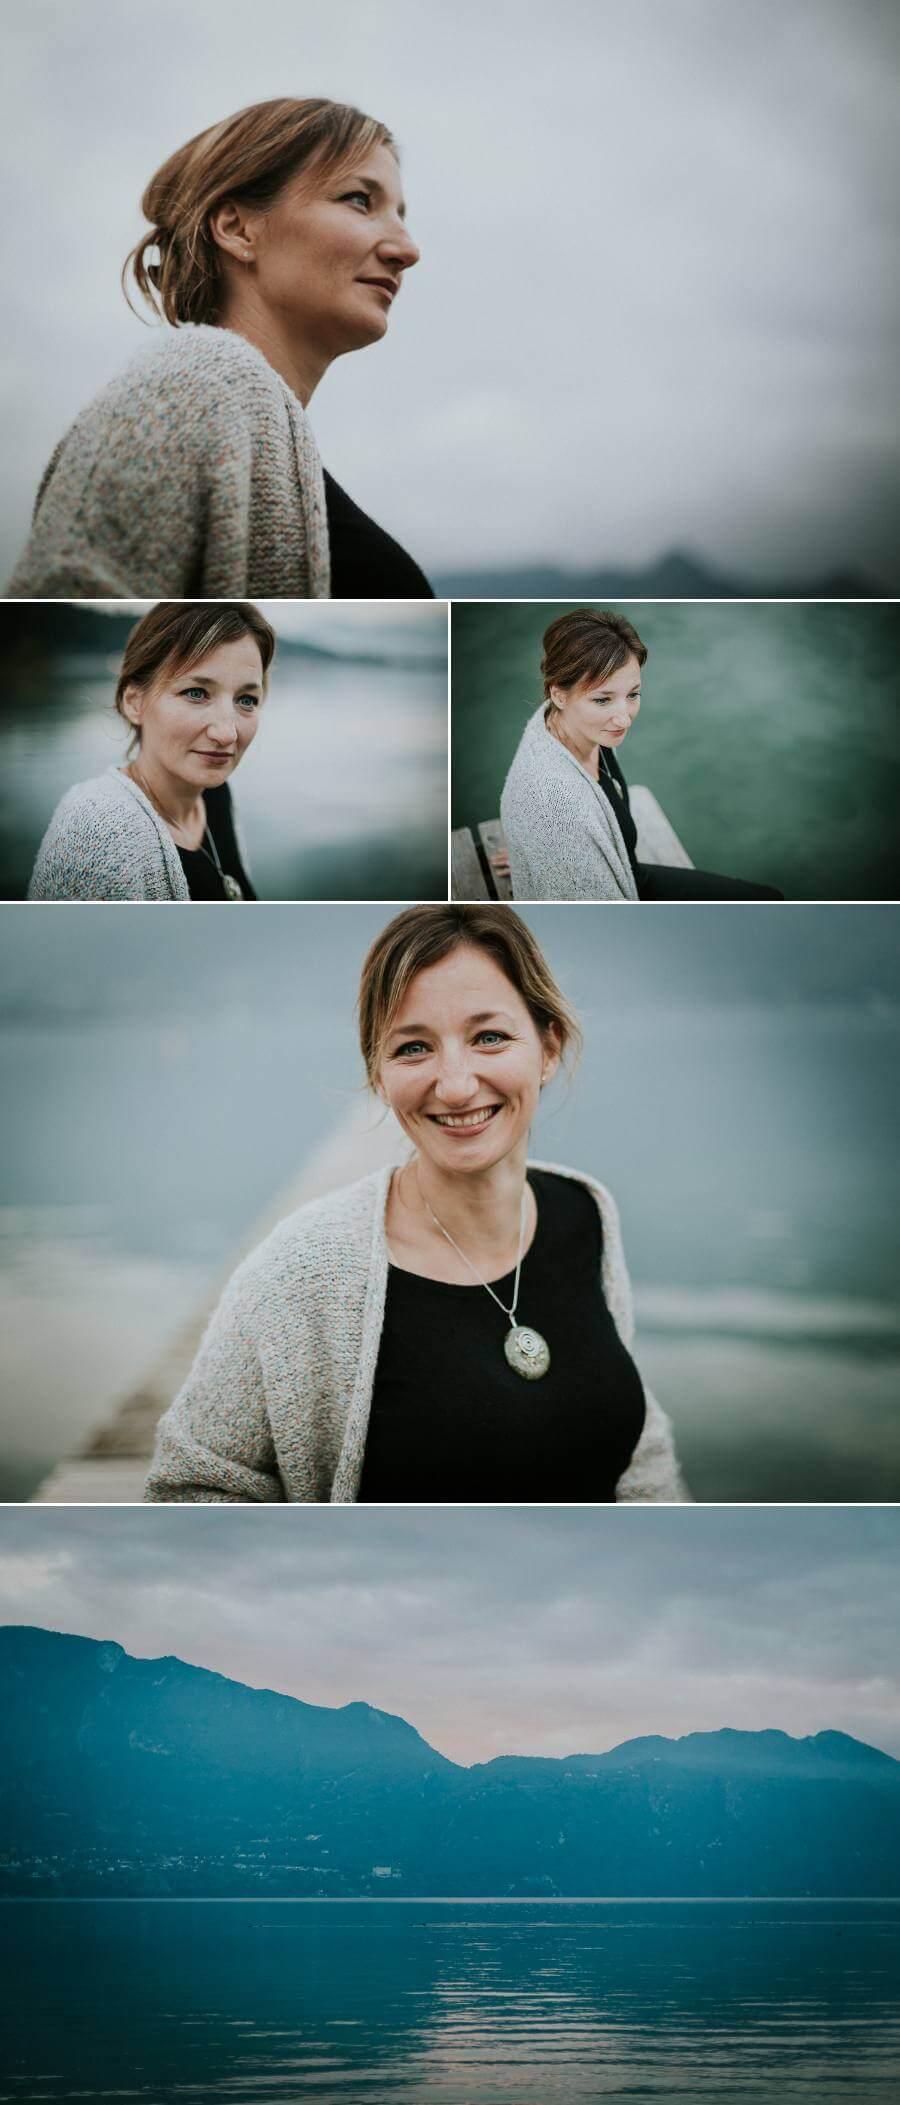 photographe lifestyle portrait femme sourire douceur naturel authentique lac du bourget dent du chat savoie